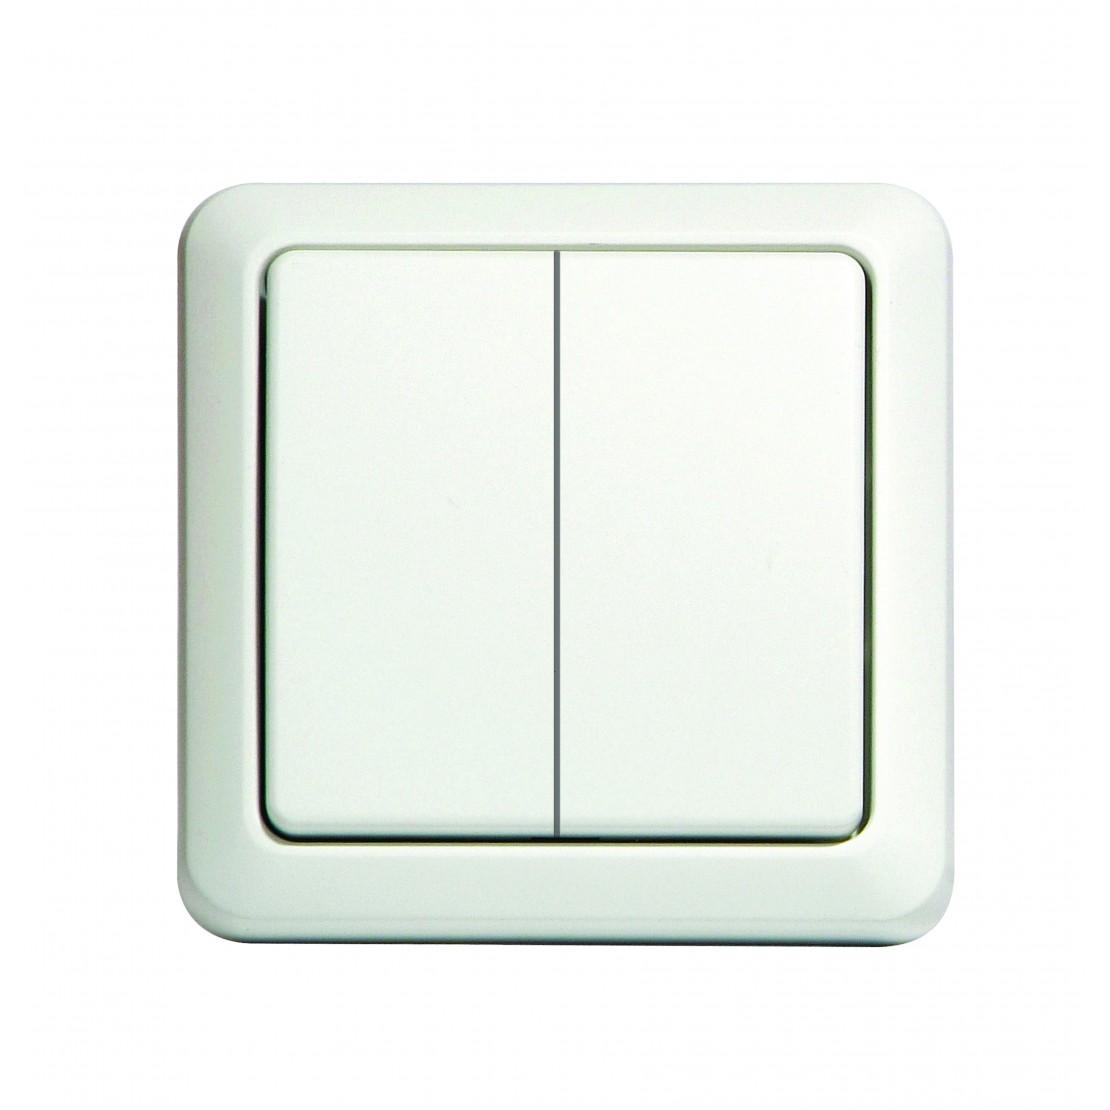 Interrupteur sans fil double ( blanc)